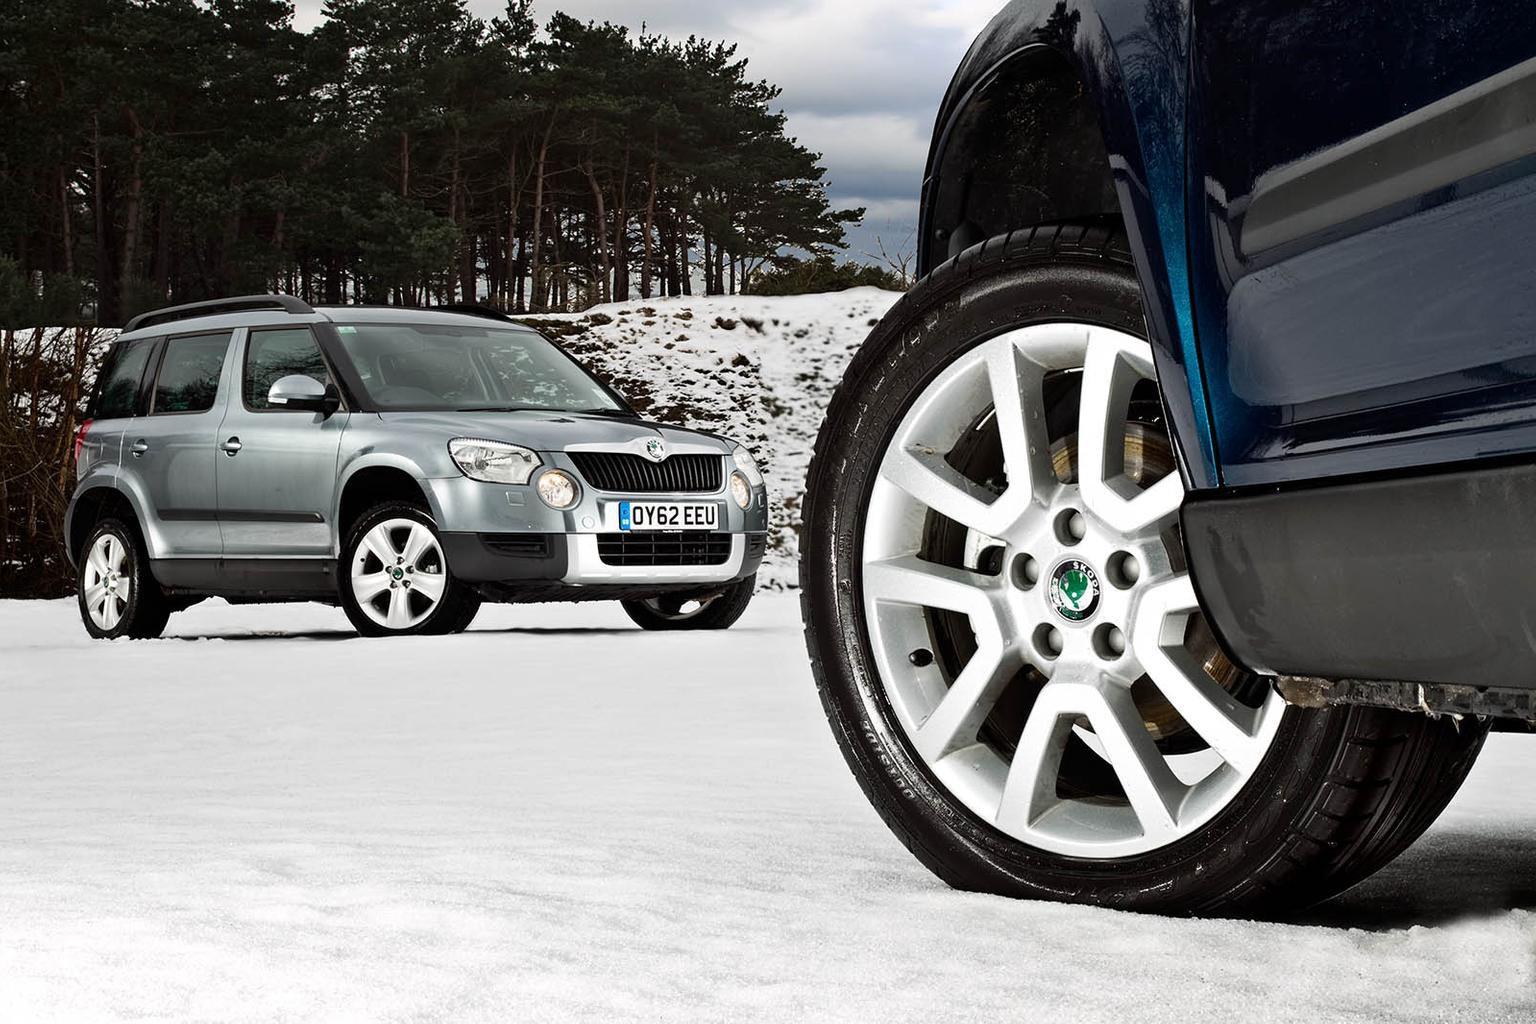 Winter tyres on Skoda Yeti